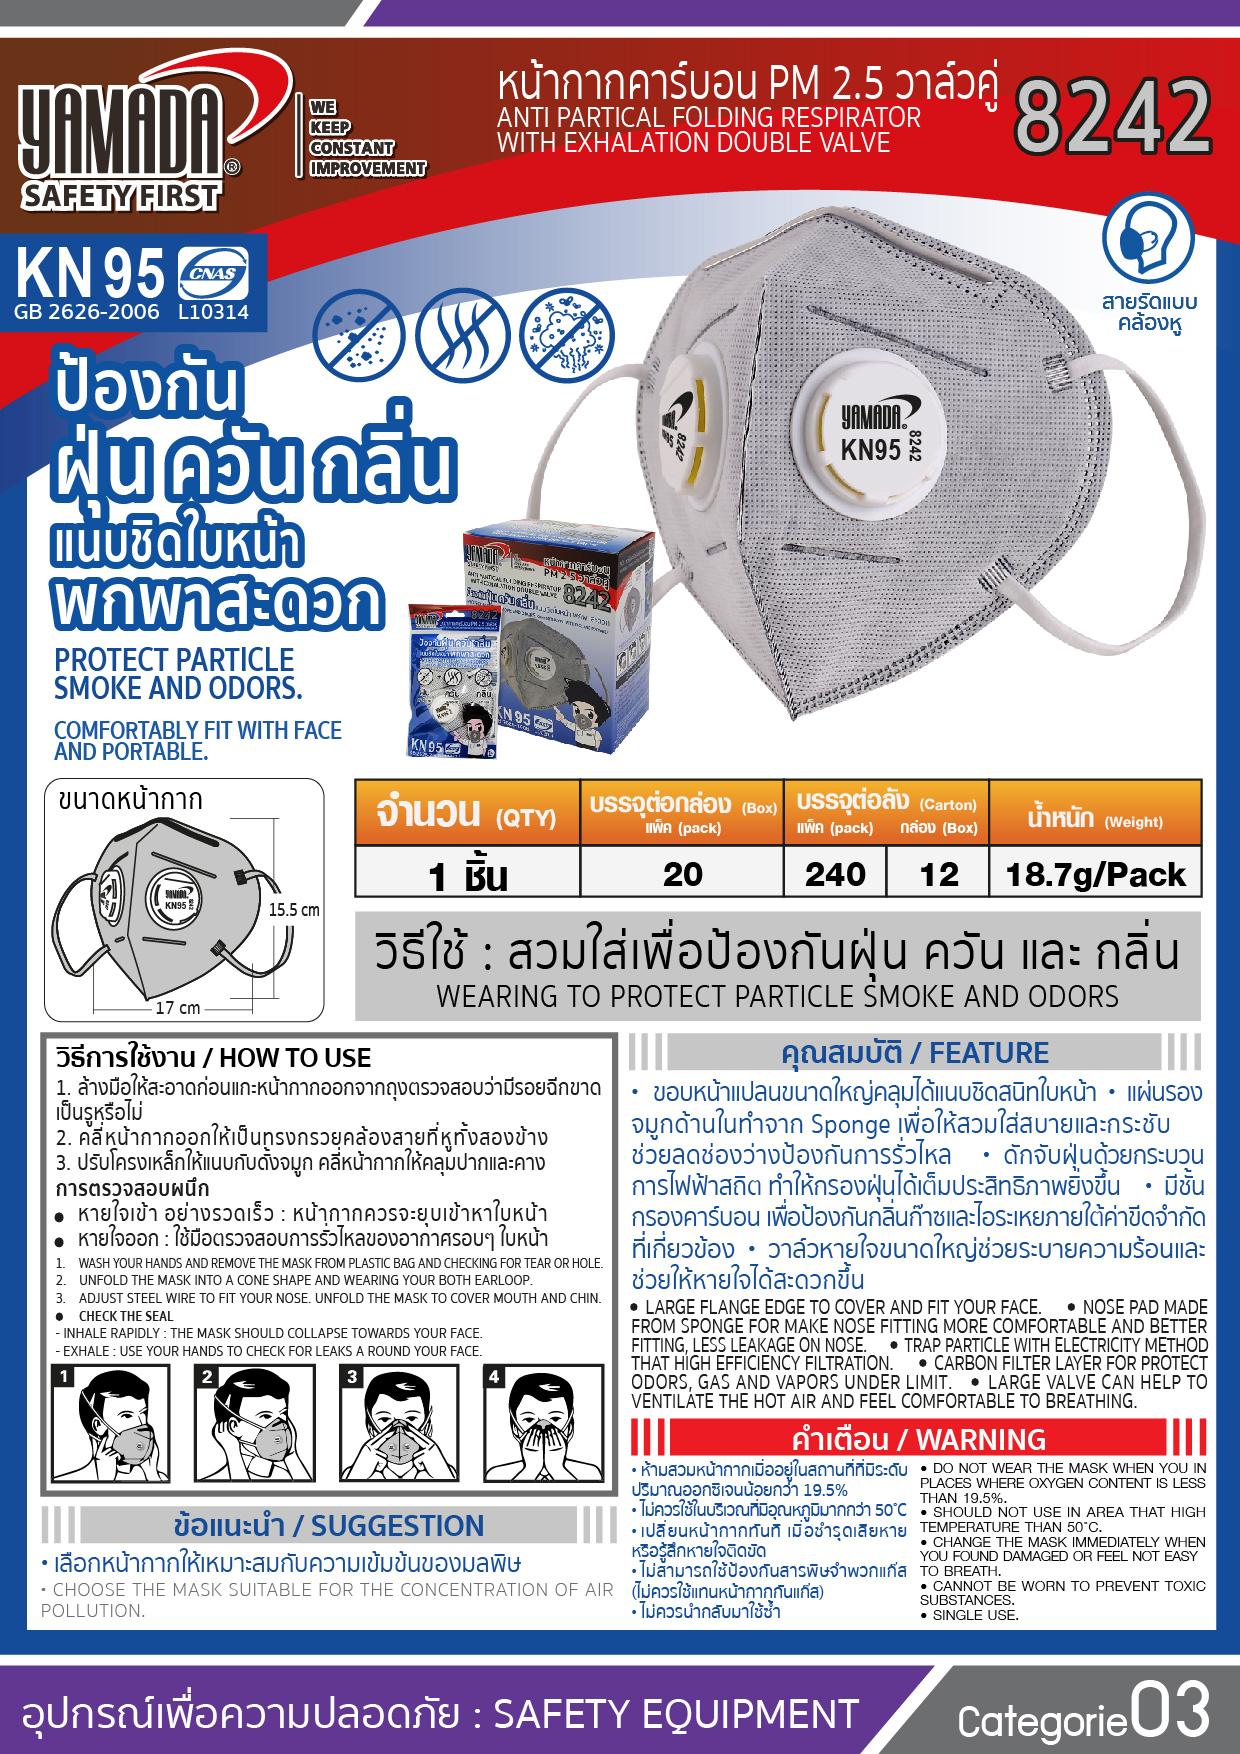 (13/15) หน้ากากคาร์บอน PM2.5 รุ่น 8242